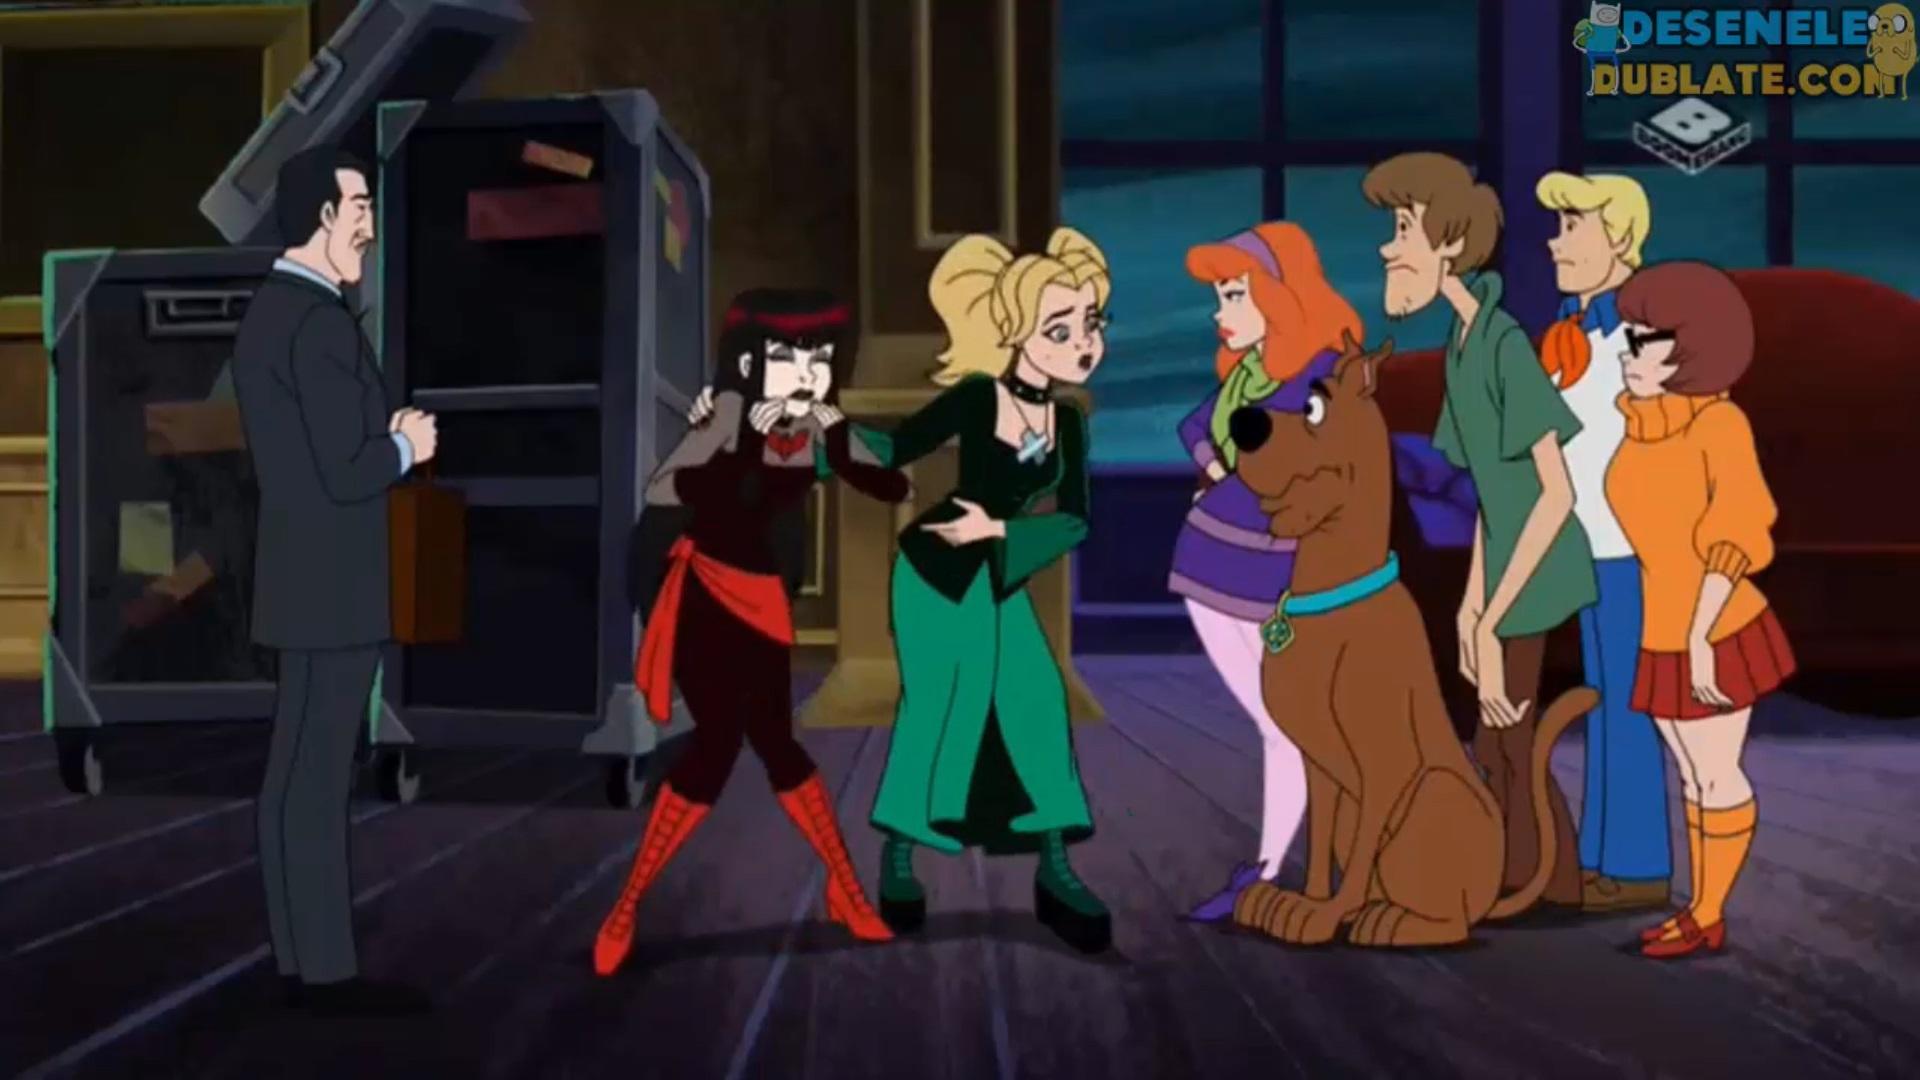 Scooby-Doo și cine crezi tu? Sezonul 1 Episodul 24 Dublat în Română